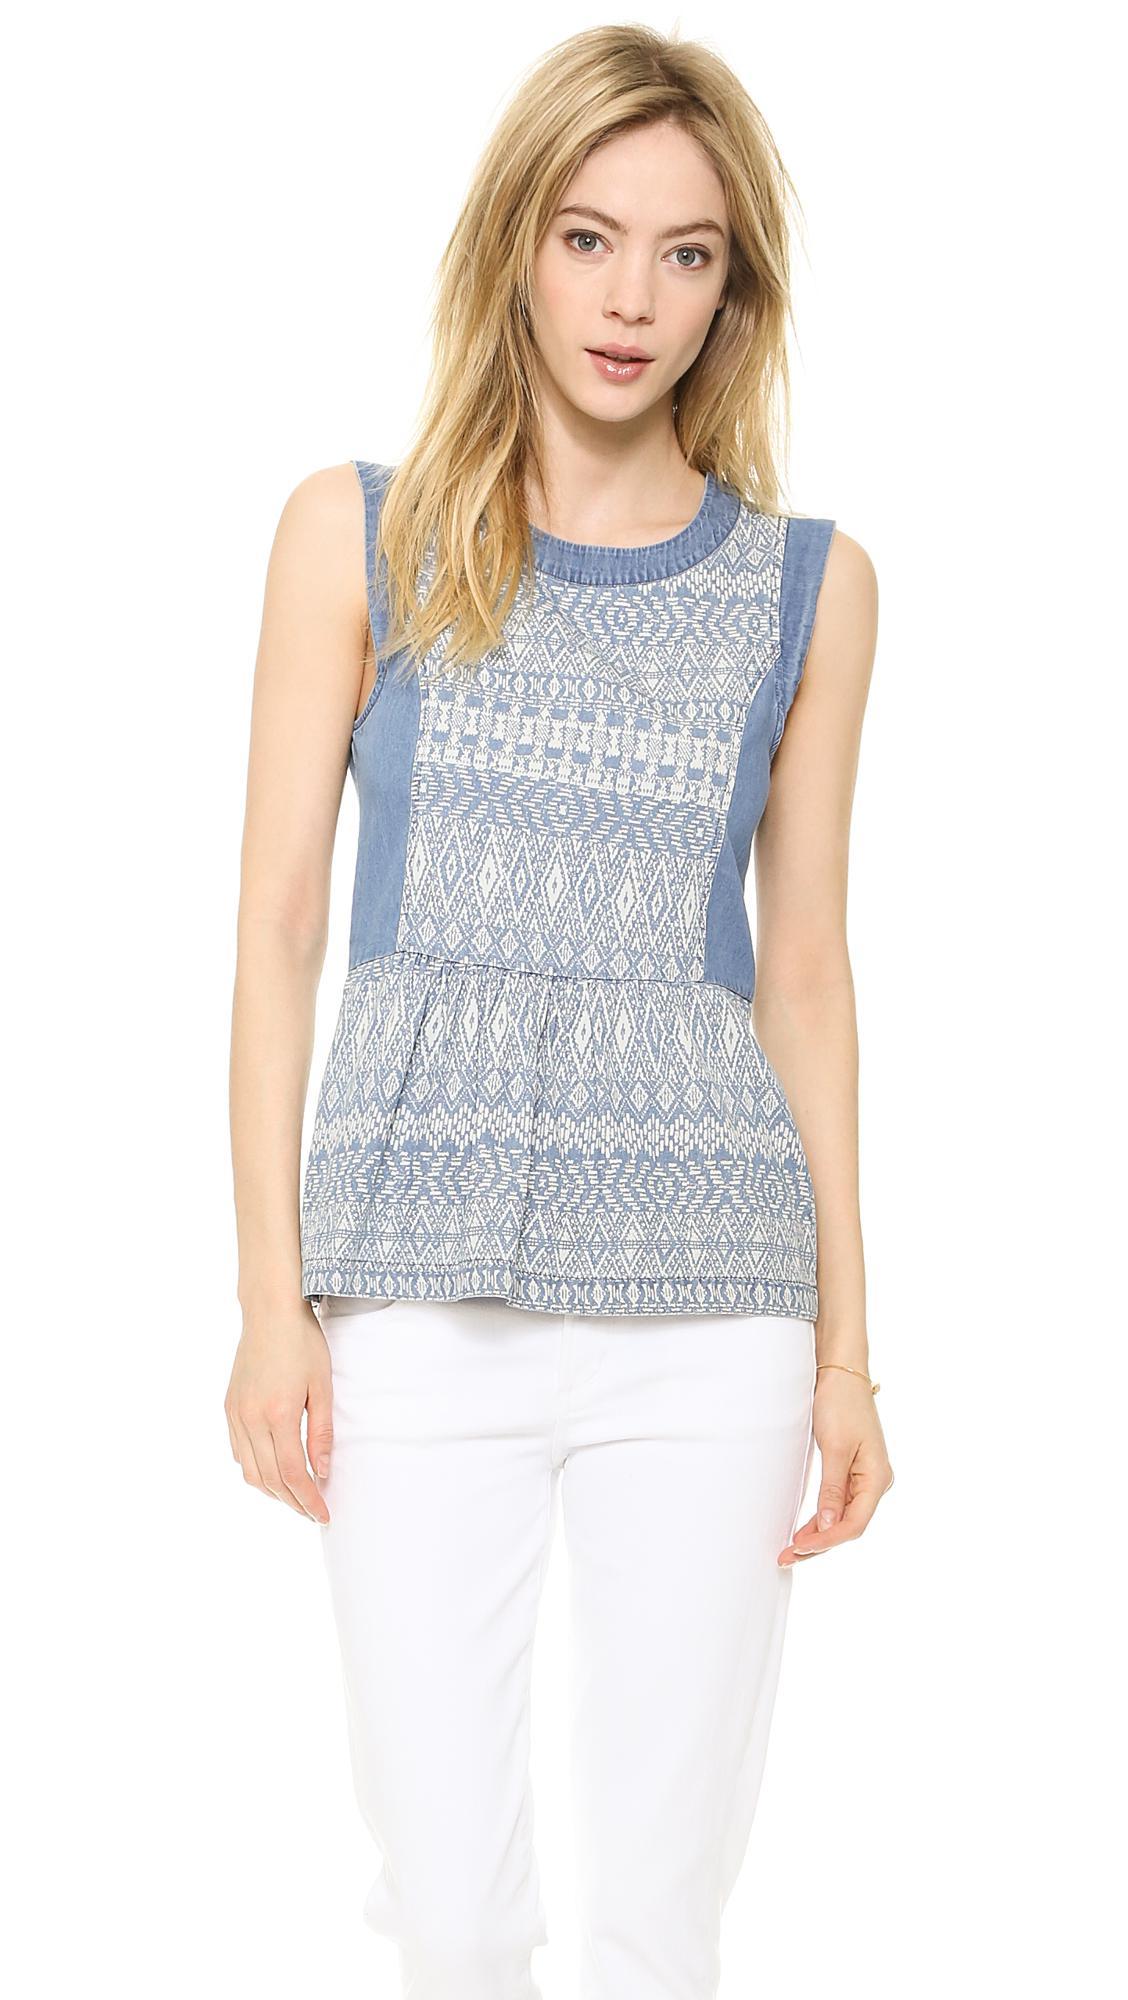 Блузки из хлопка (65 фото): с чем носить, модные фасоны хлопковых блузок, популярные модели, стильные, советы 934